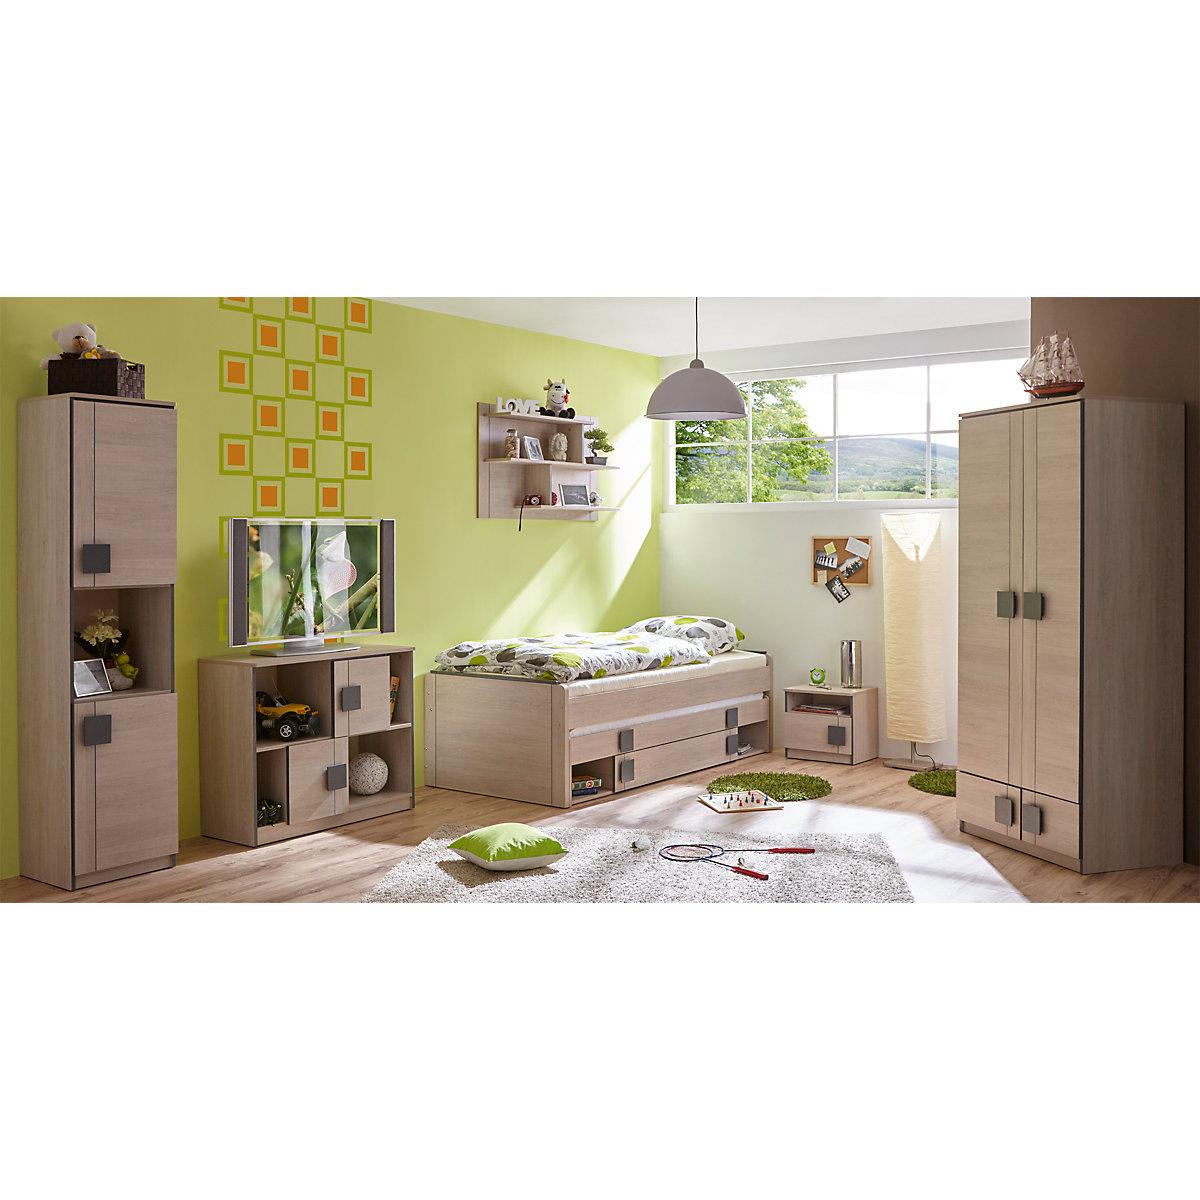 Komplett jugendzimmer camo 6 tlg einzelbett for Kleiderschrank fur jugendzimmer